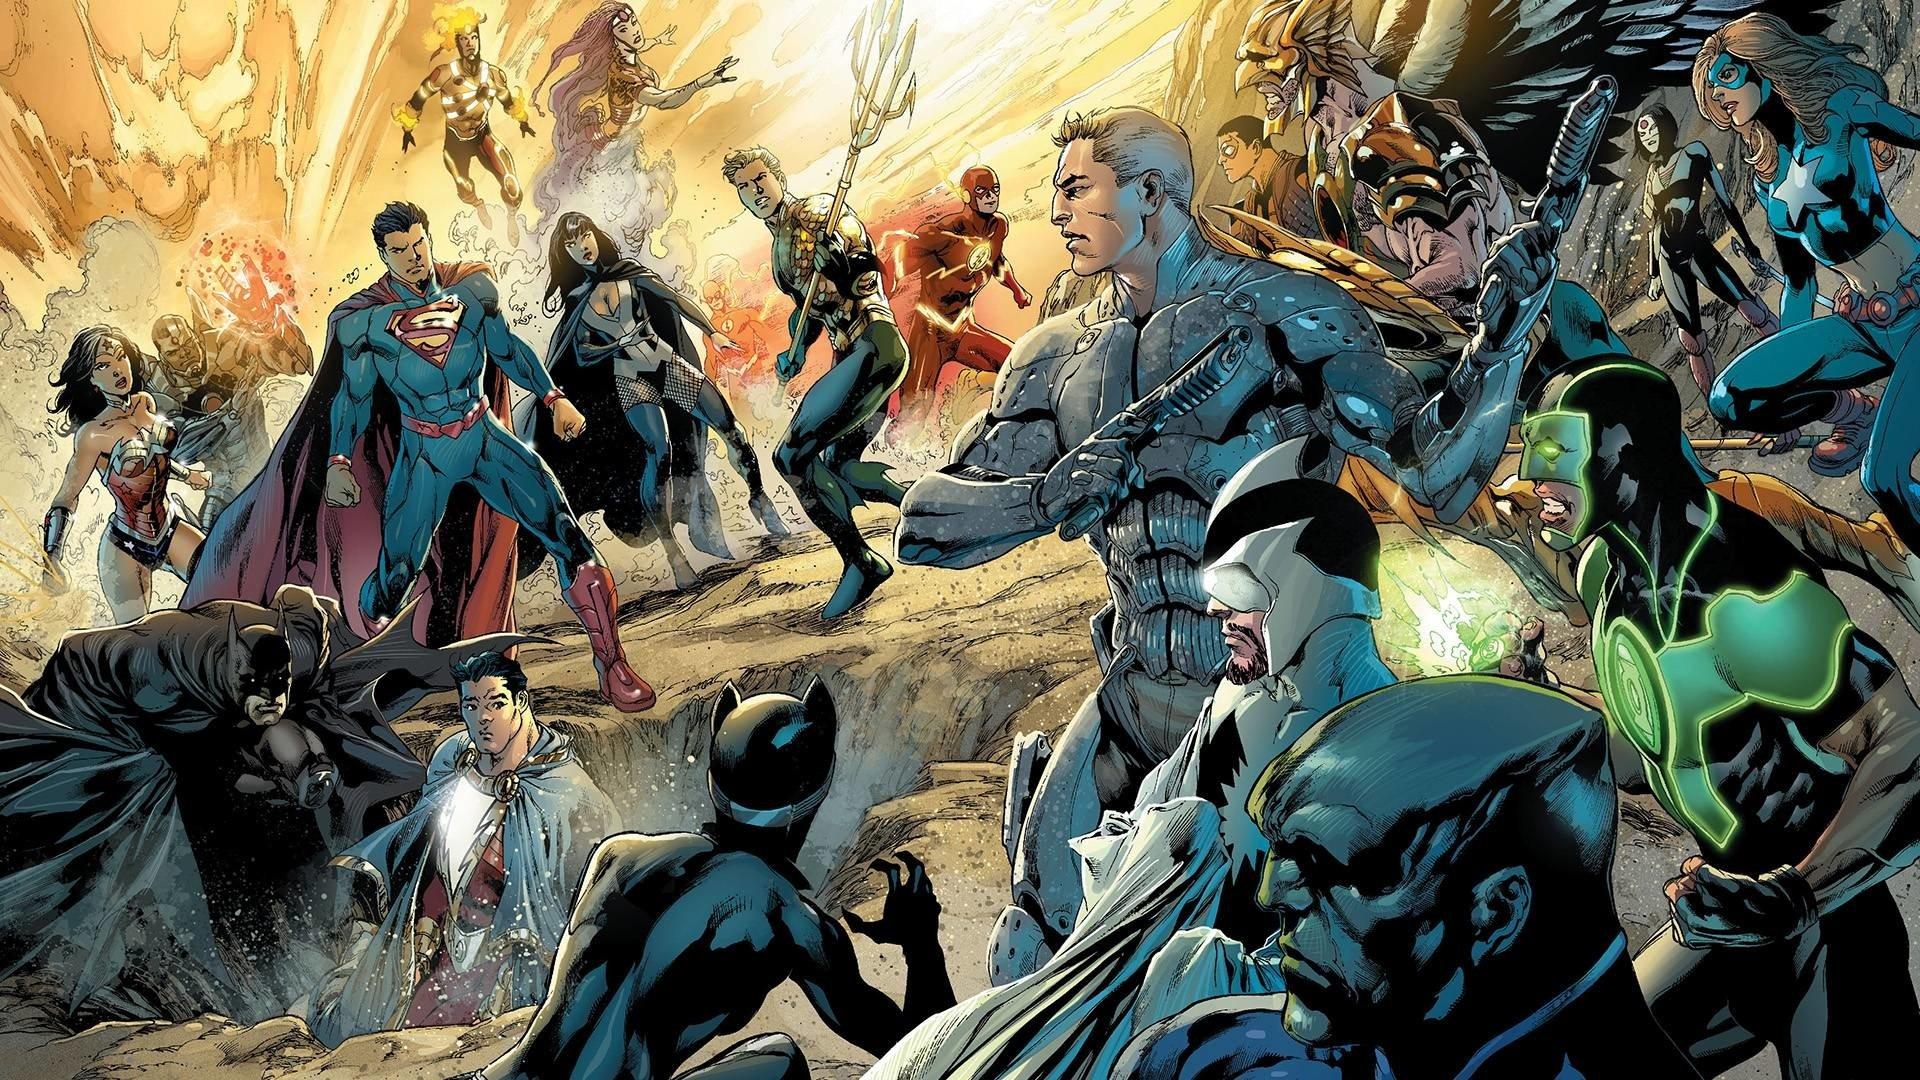 Fondos De Pantalla De Superhéroes De Dc Comics Wallpapers Hd